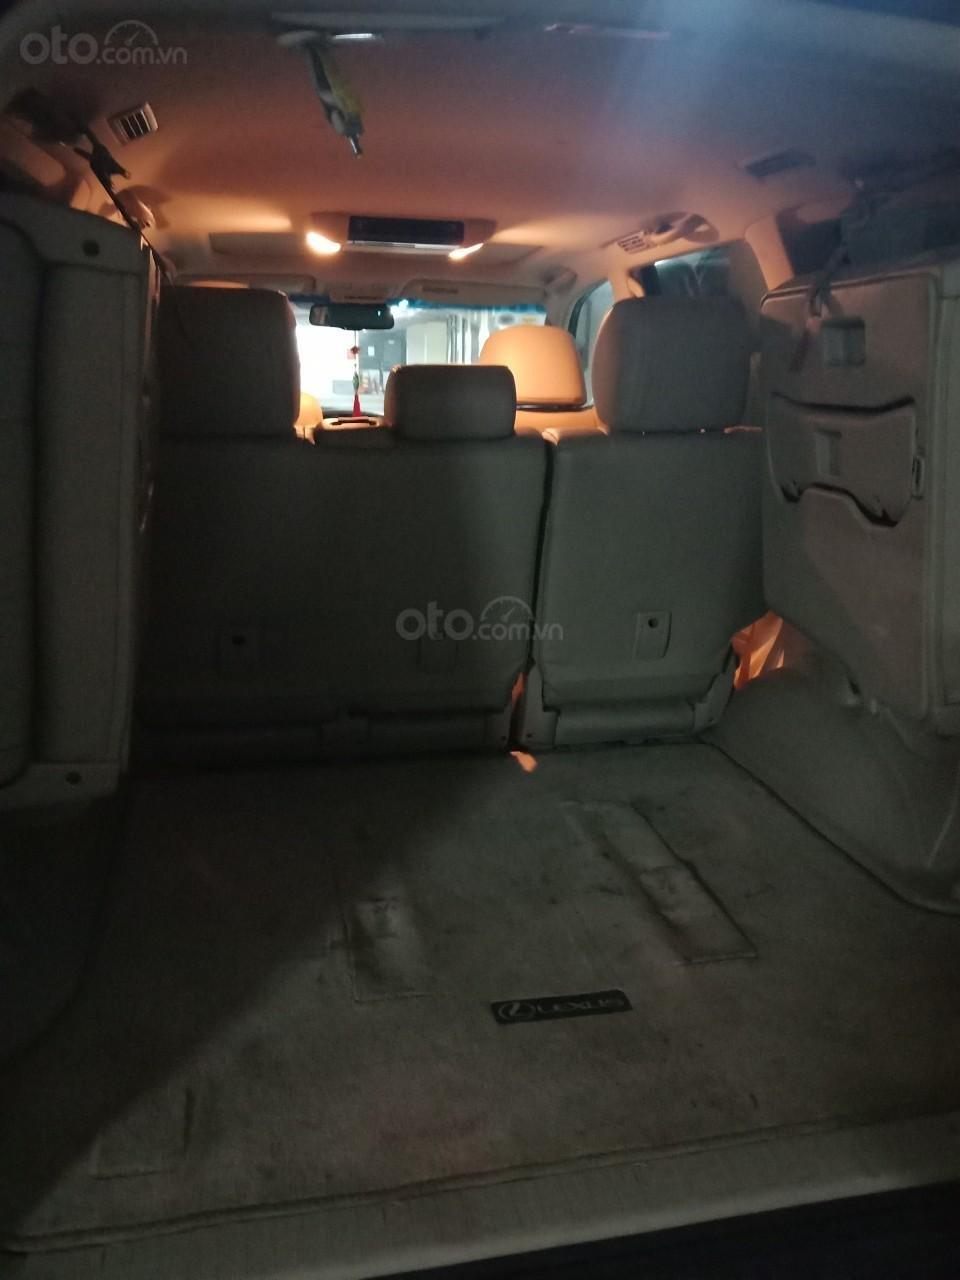 Cần bán Lexus GX 470 đời 2007, màu vàng cát, nhập Mỹ (15)